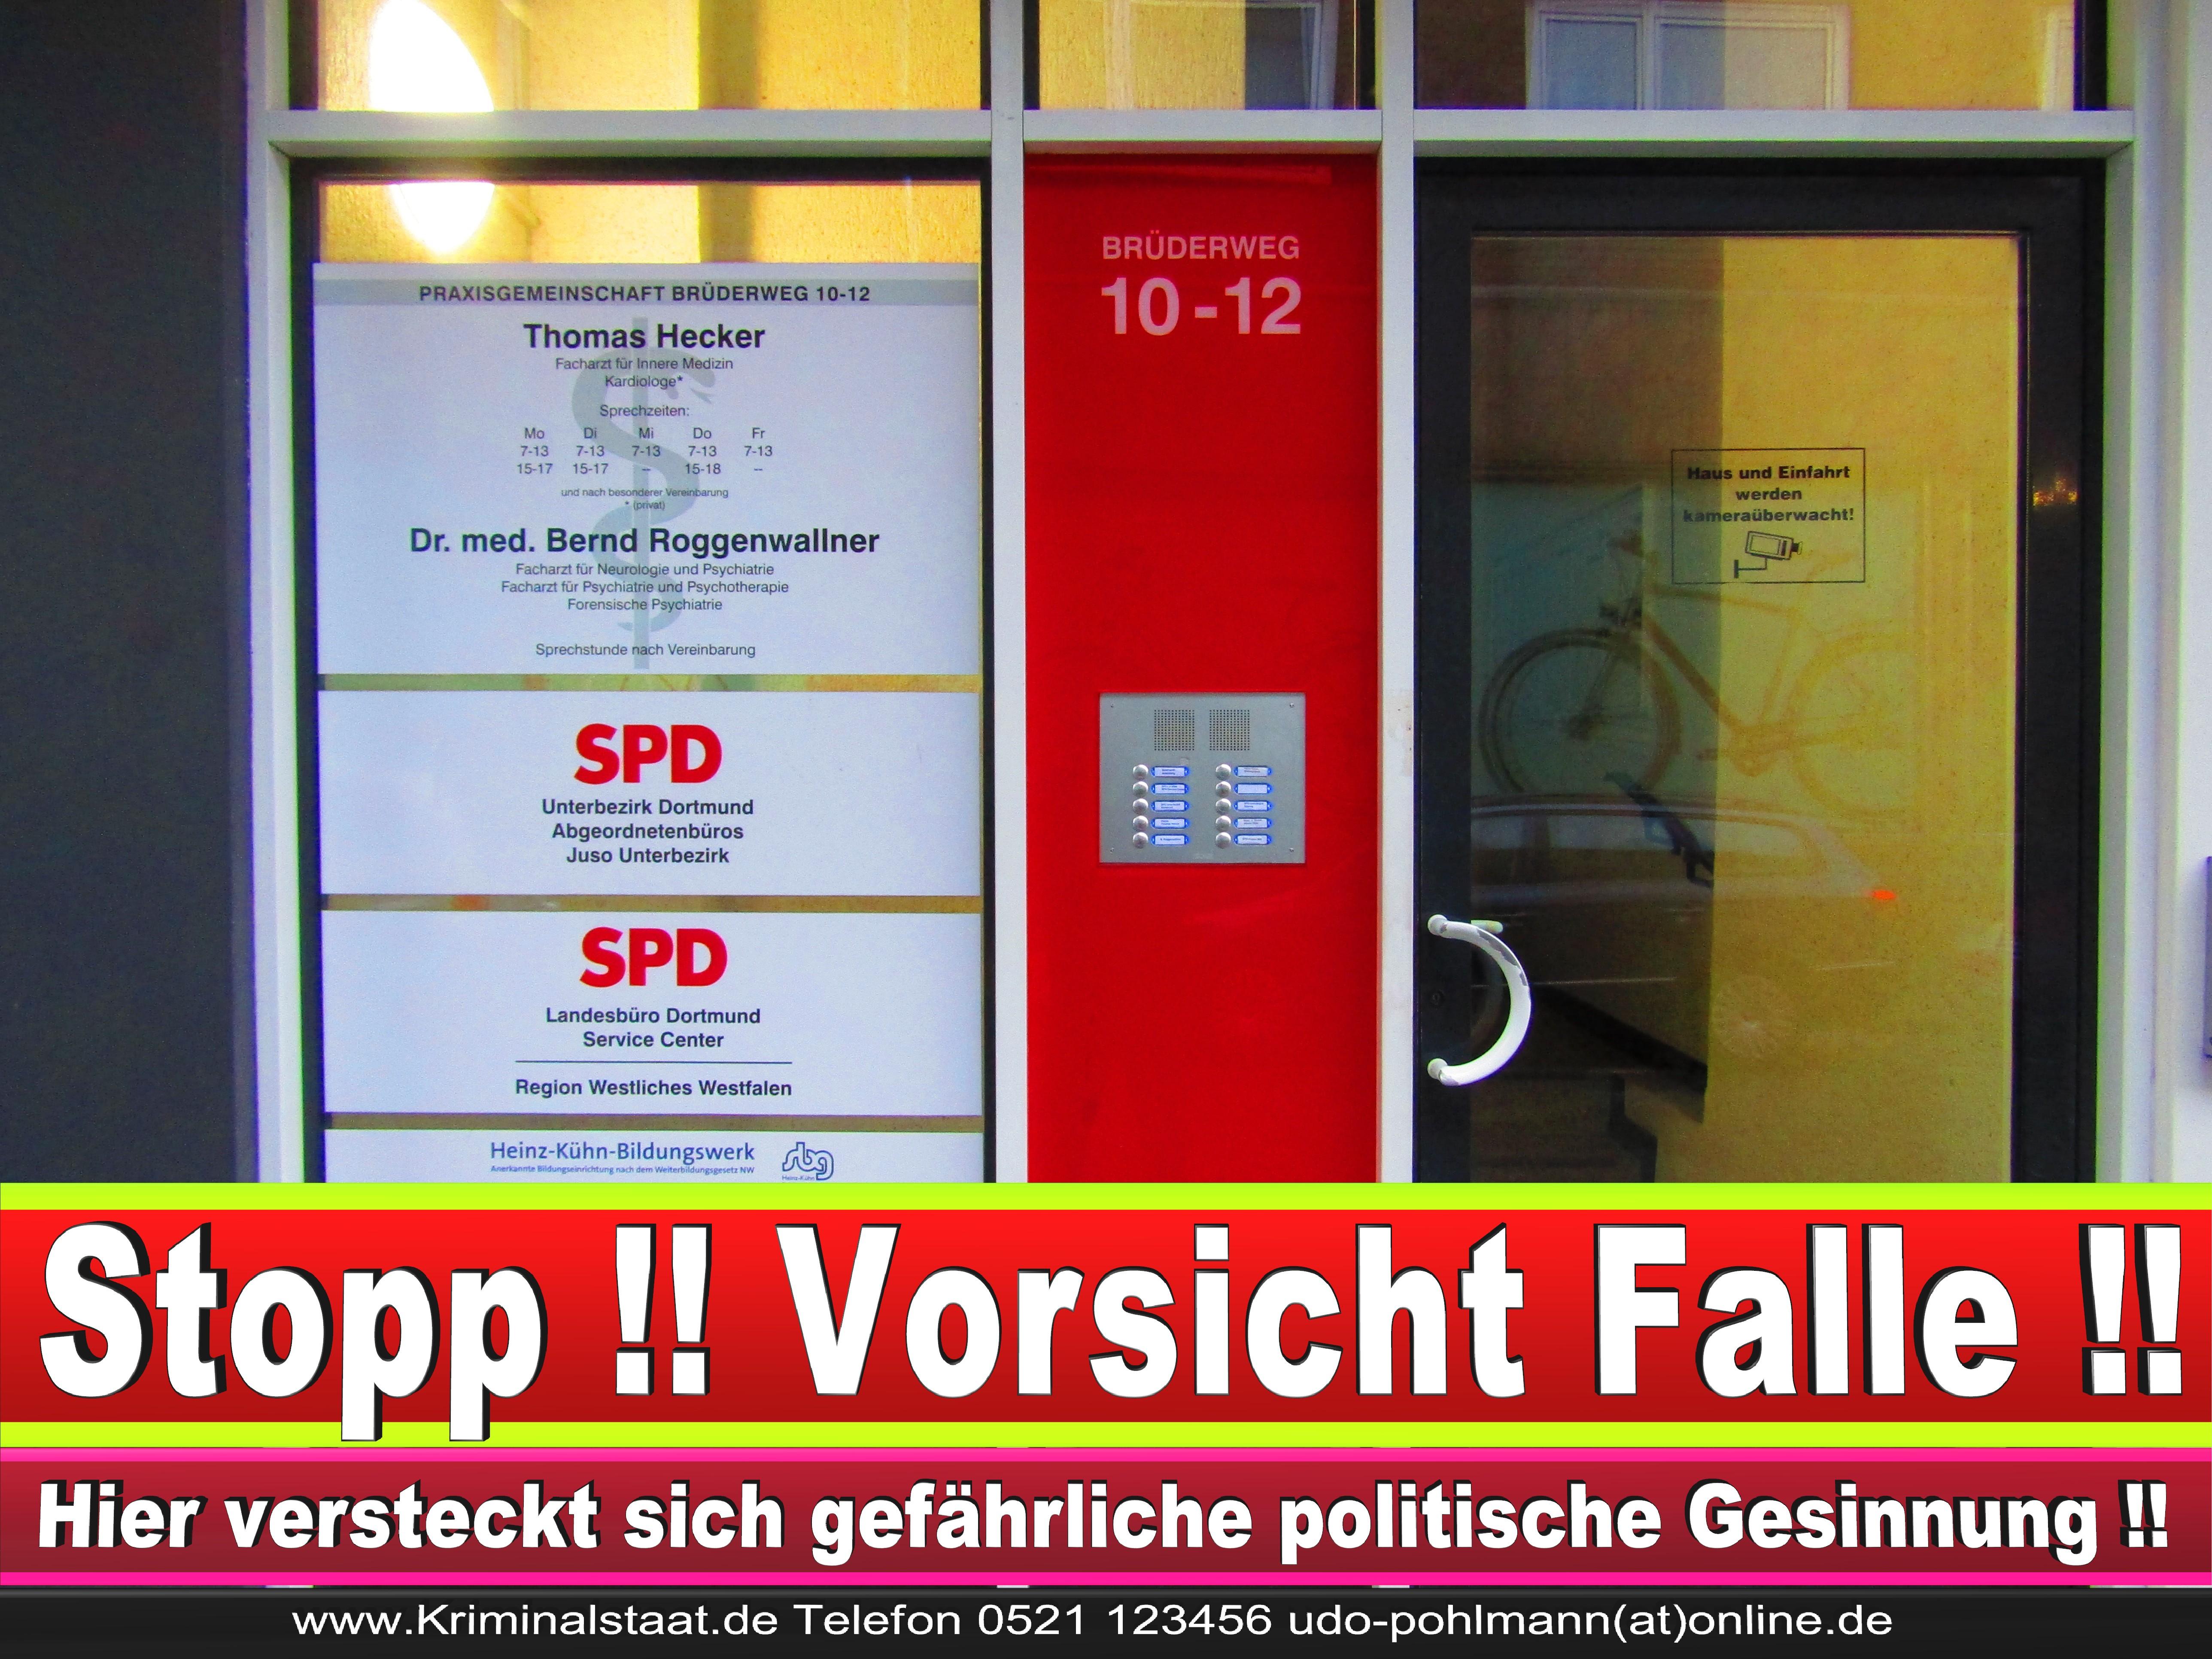 SPD DORTMUND UNTERBEZIRK BüRGERBüRO SPD ORTSVERBAND RAT STADT RATSMITGLIEDER SPD FRAKTION SPD NRW ADRESSE (23) 1